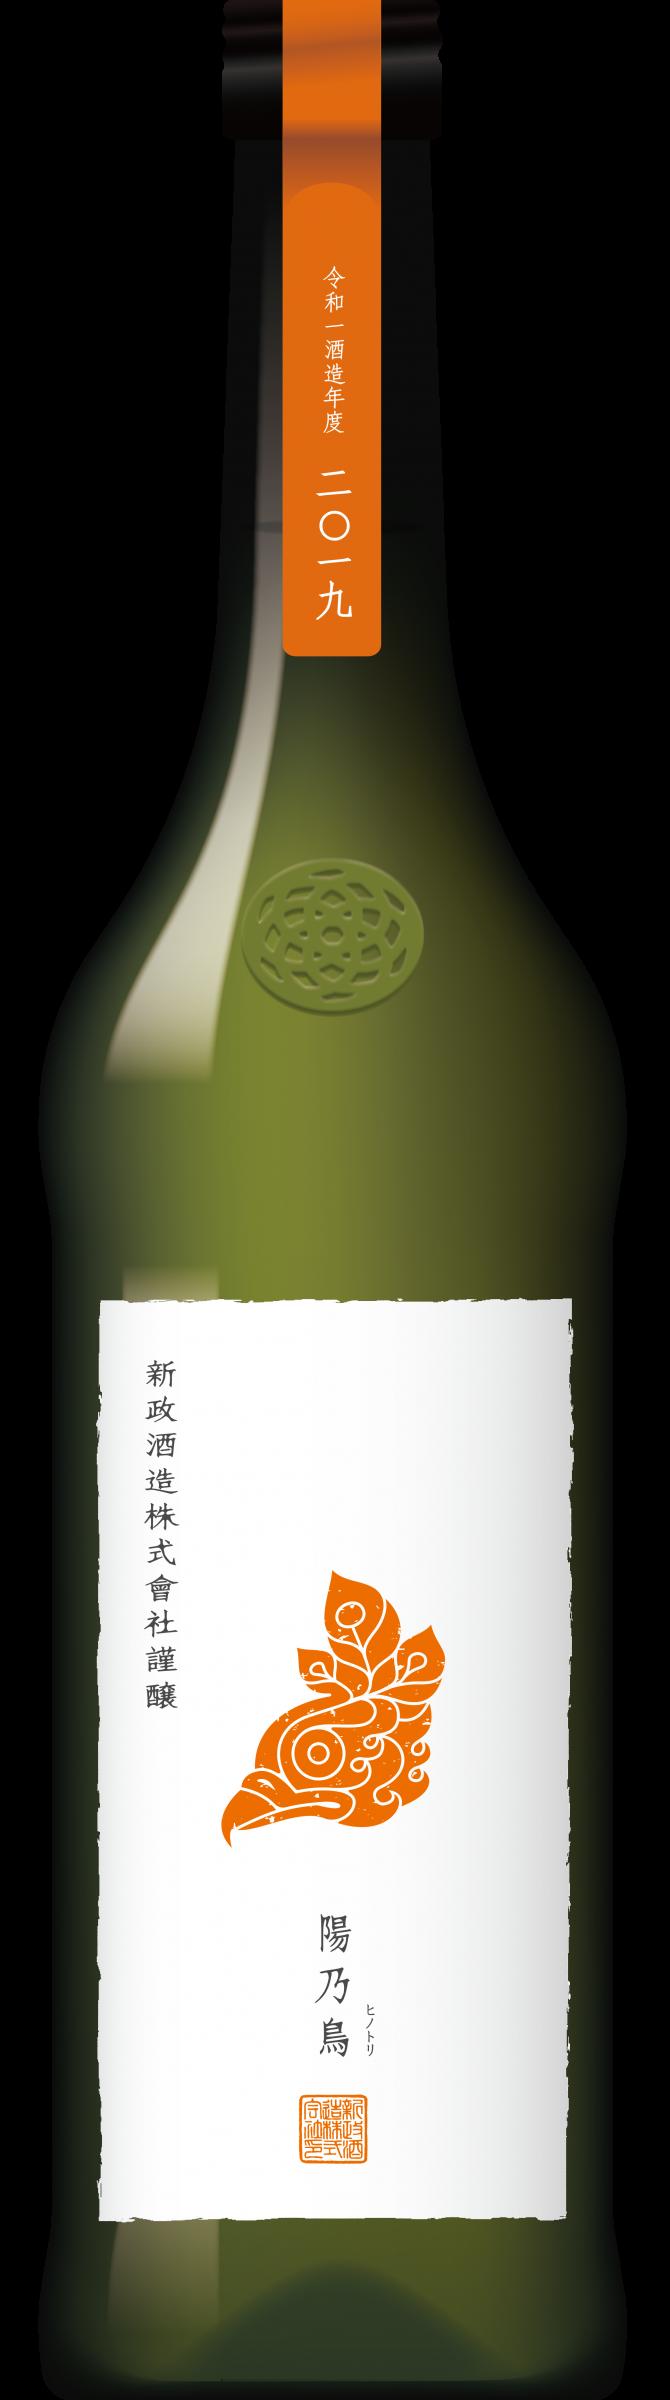 貴醸酒 陽乃鳥(ひのとり)